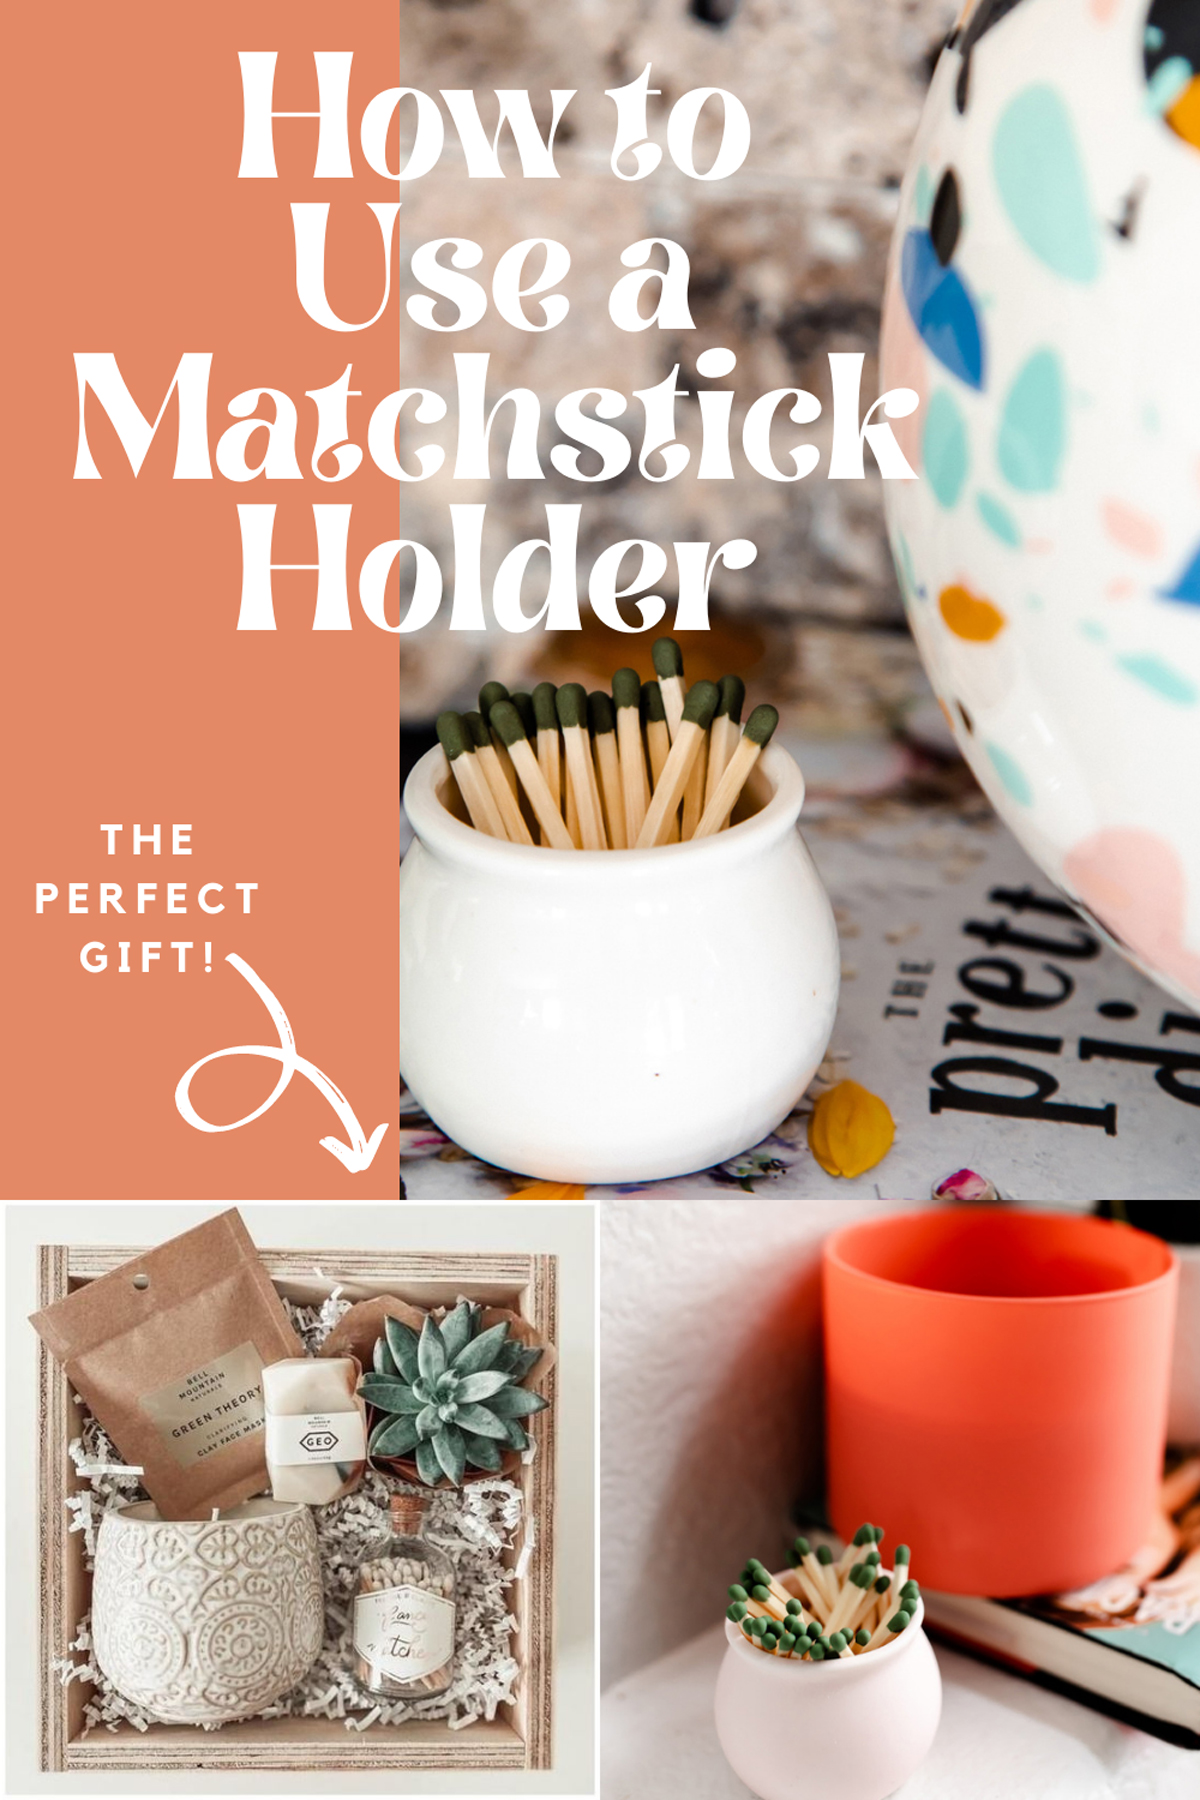 Gift Ideas + Home Decor Matchsticks